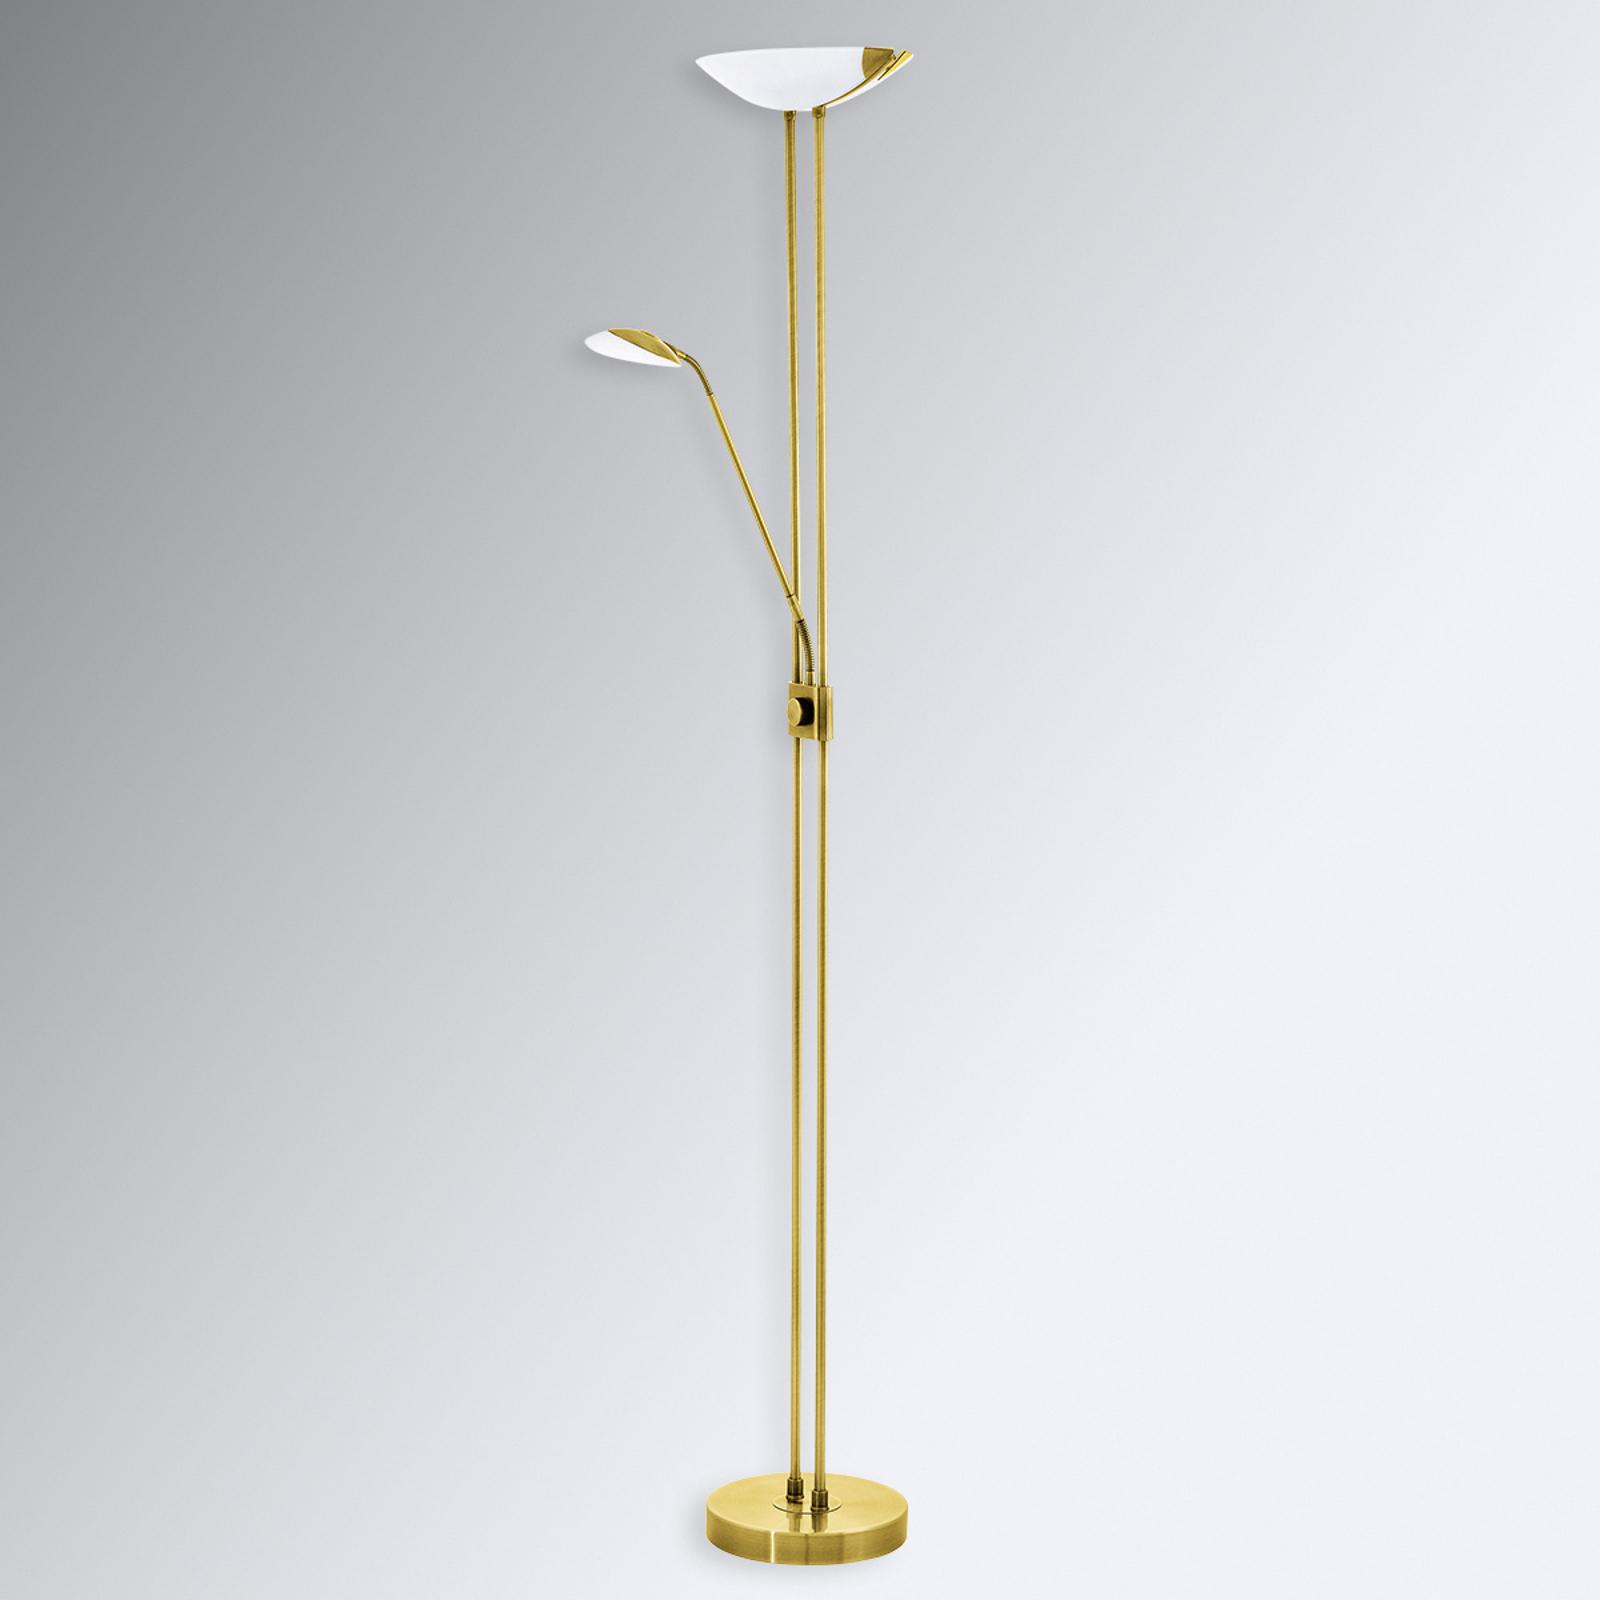 Lampa stojąca LED Baya, stylistyka mosiądzu